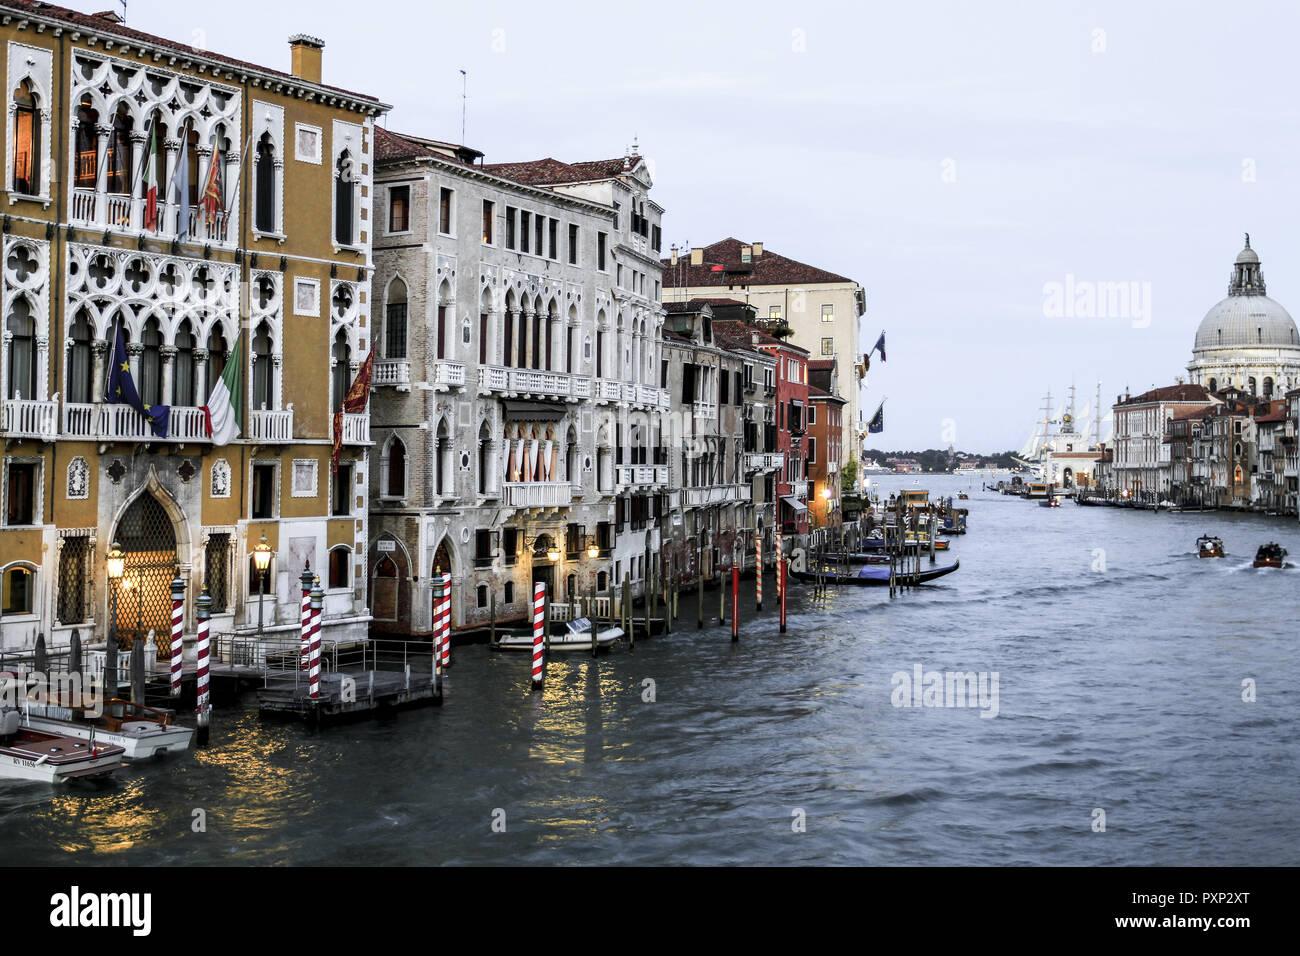 Palazzo Cavalli Franchetti und Barbaro-Curtis am Canale Grande in Venedig, Italien Stock Photo